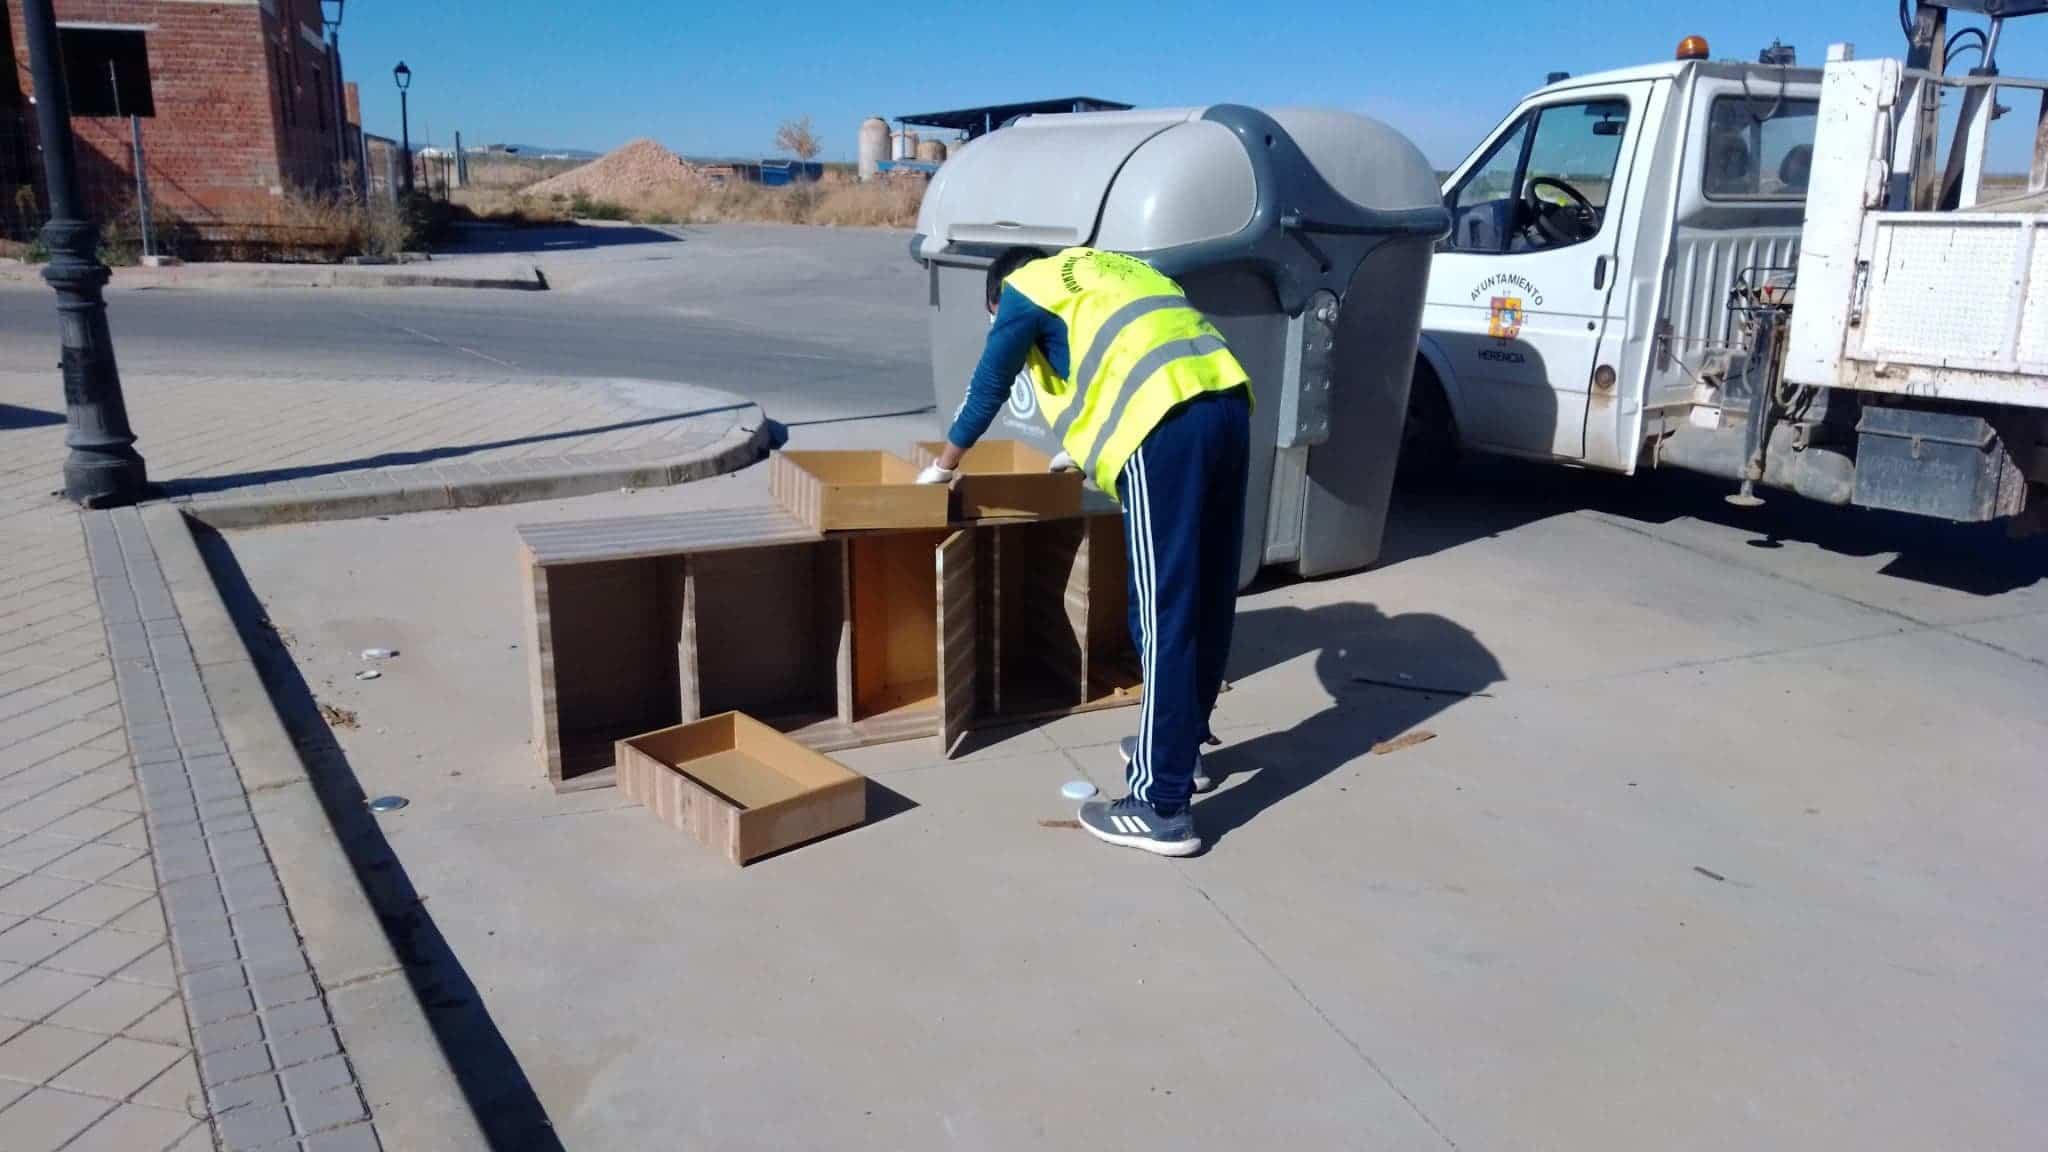 muebles contenrdores herencia - Ejemplos de cómo no usar un contenedor de basura en Herencia